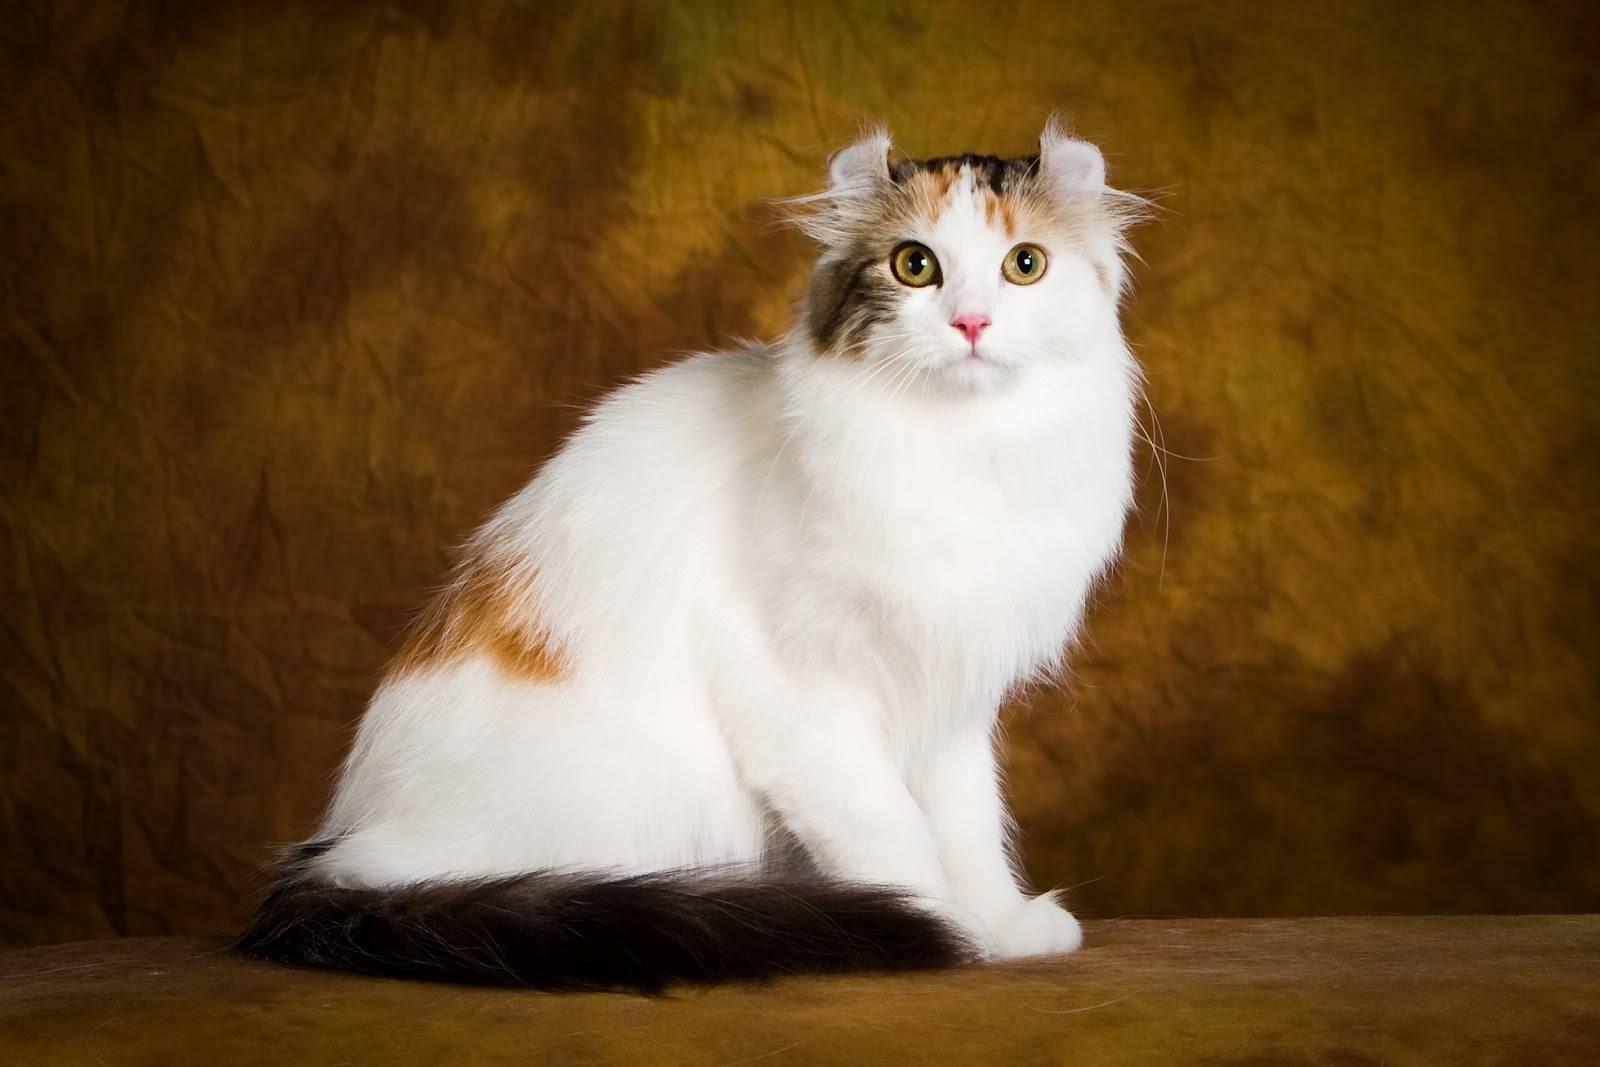 Самые ласковые породы кошек. топ 13 пород (фото и описание)